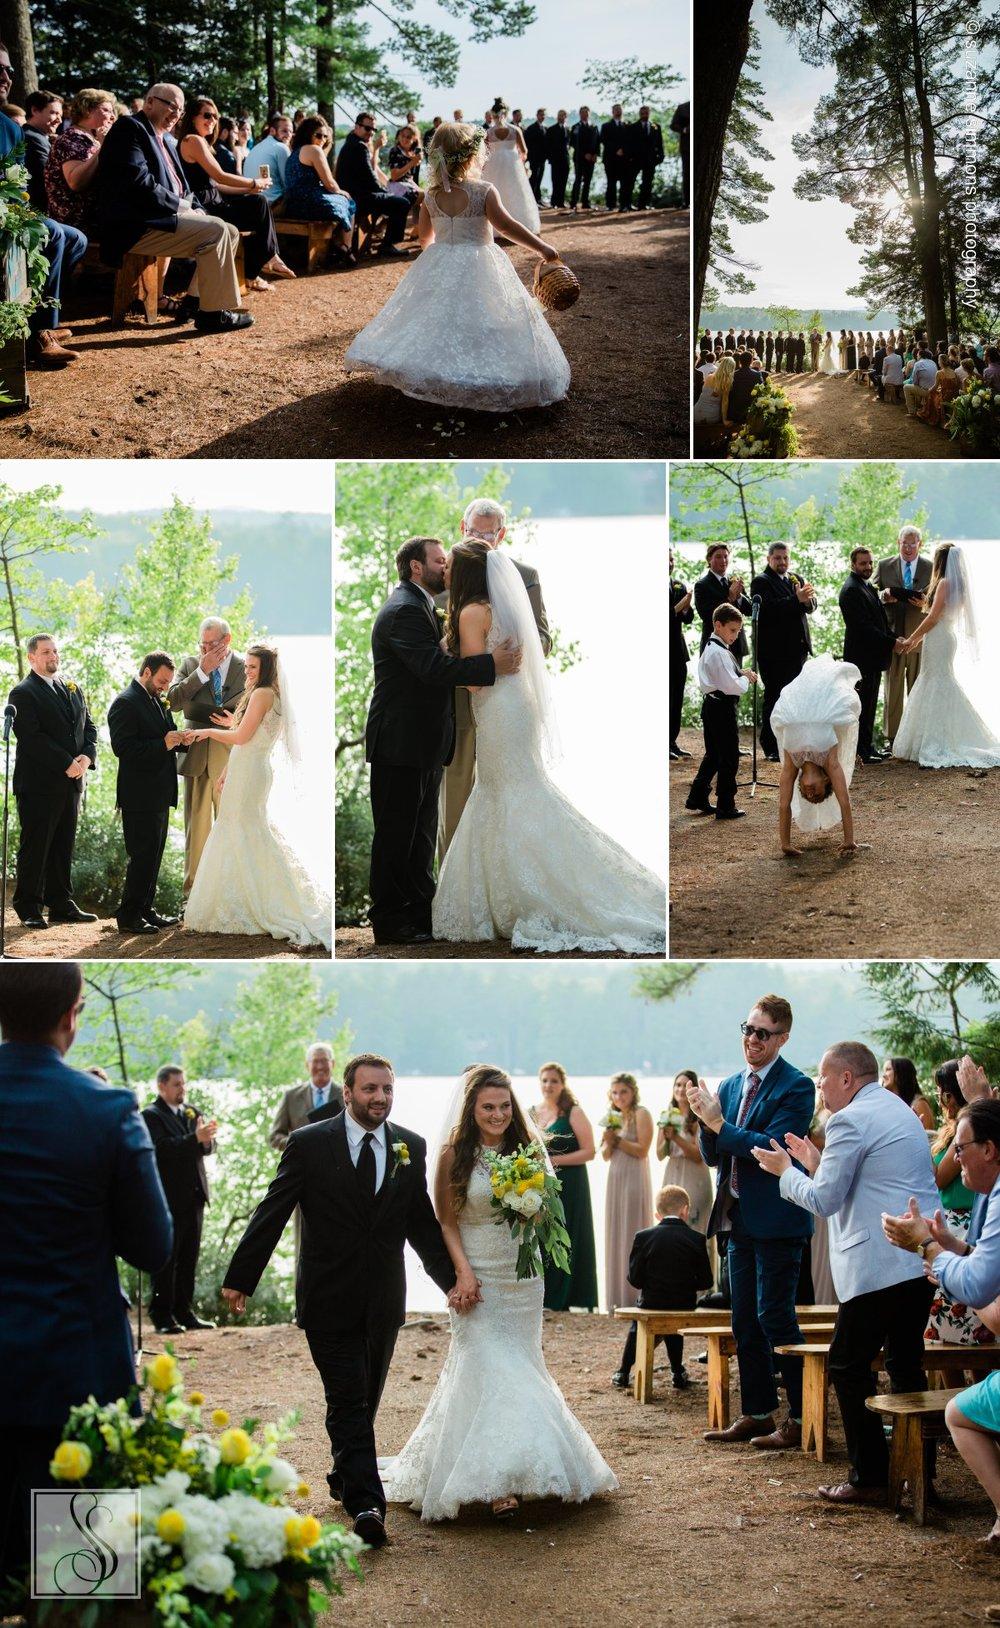 Lakeside wedding ceremony in Bridgton, Maine